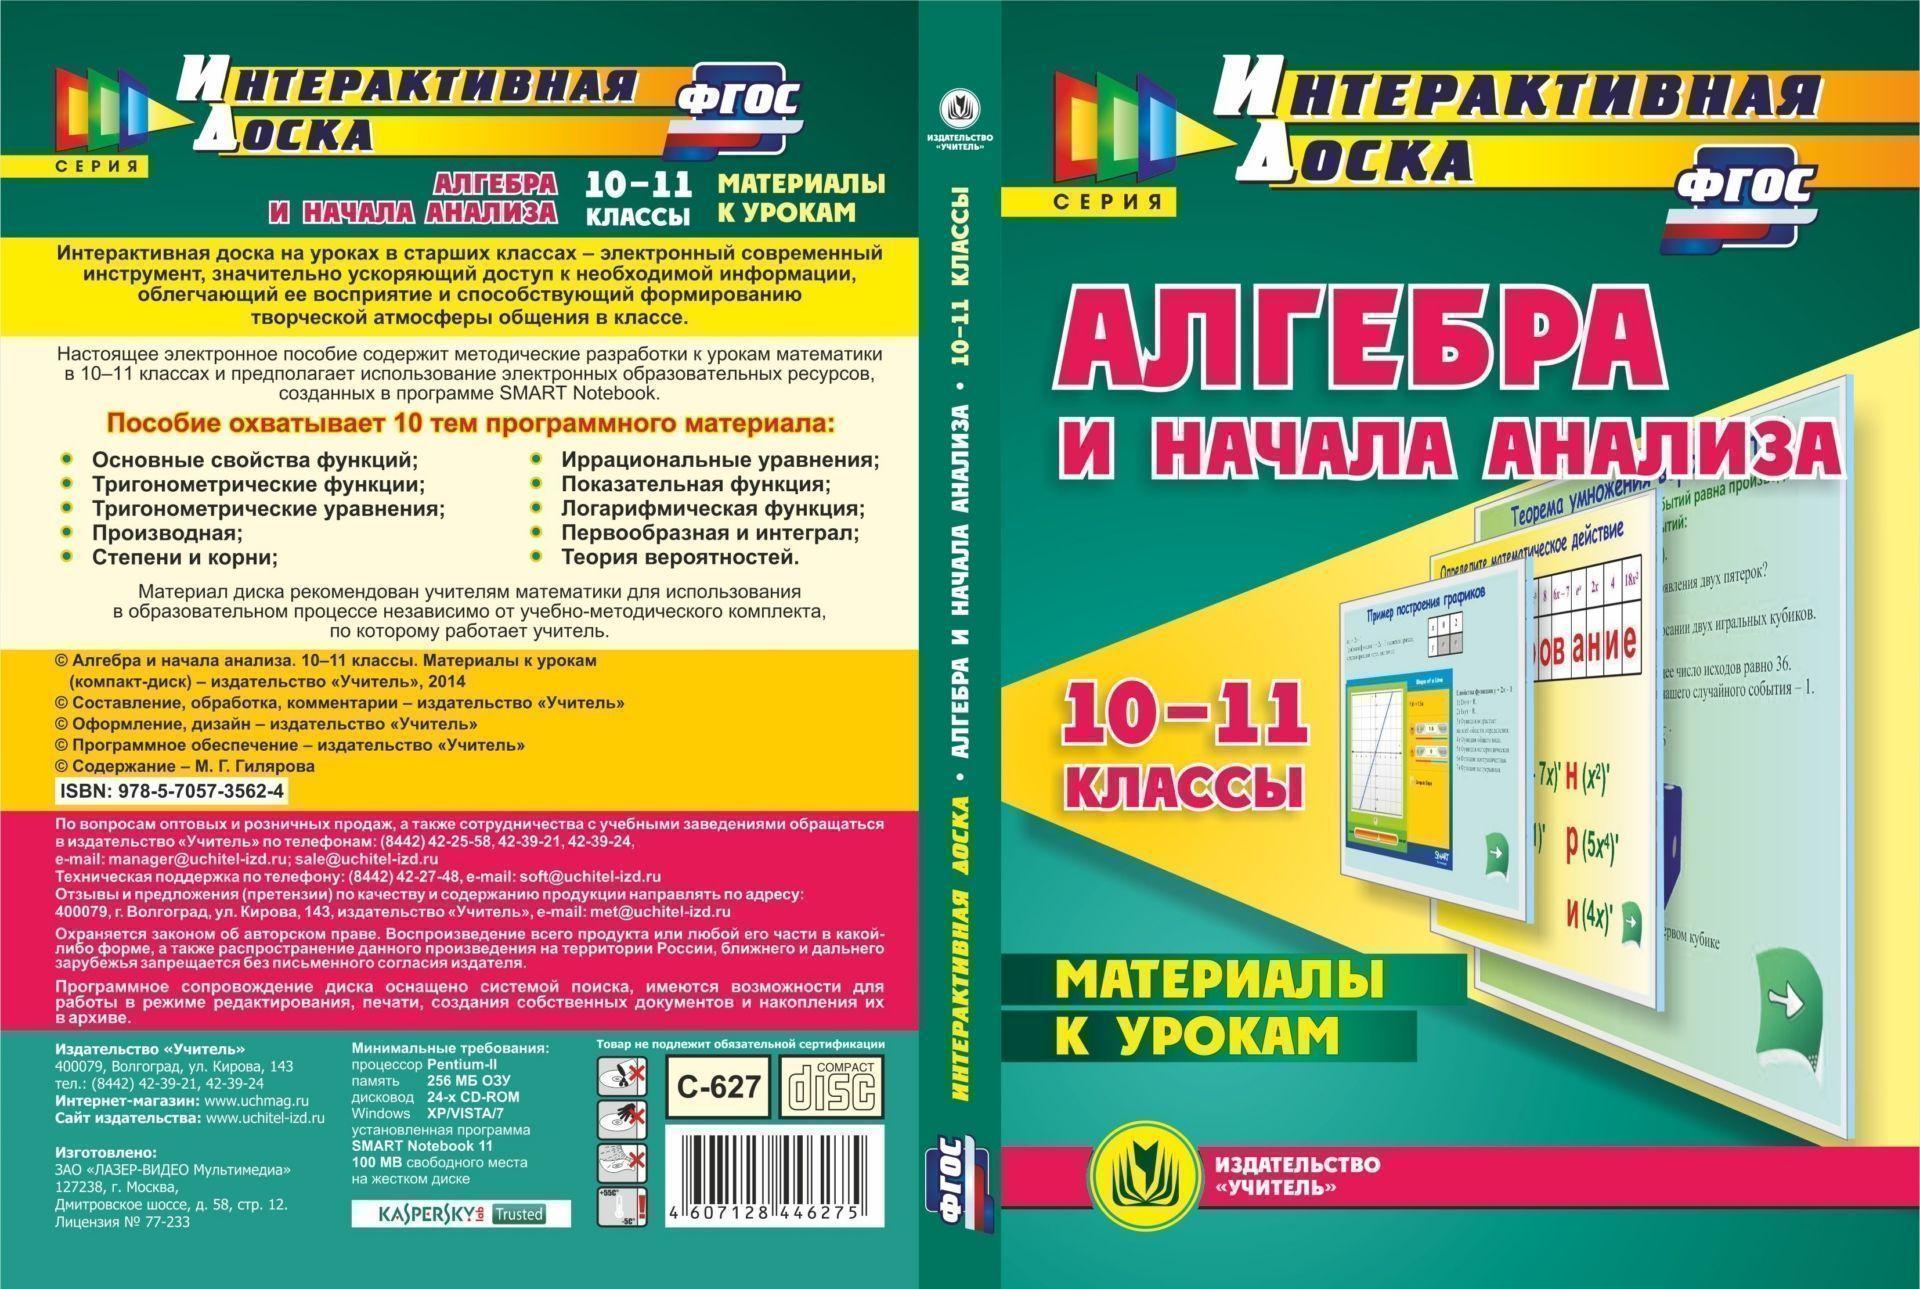 Алгебра и начала анализа. 10-11 классы. Материалы к урокам. Компакт-диск для компьютера